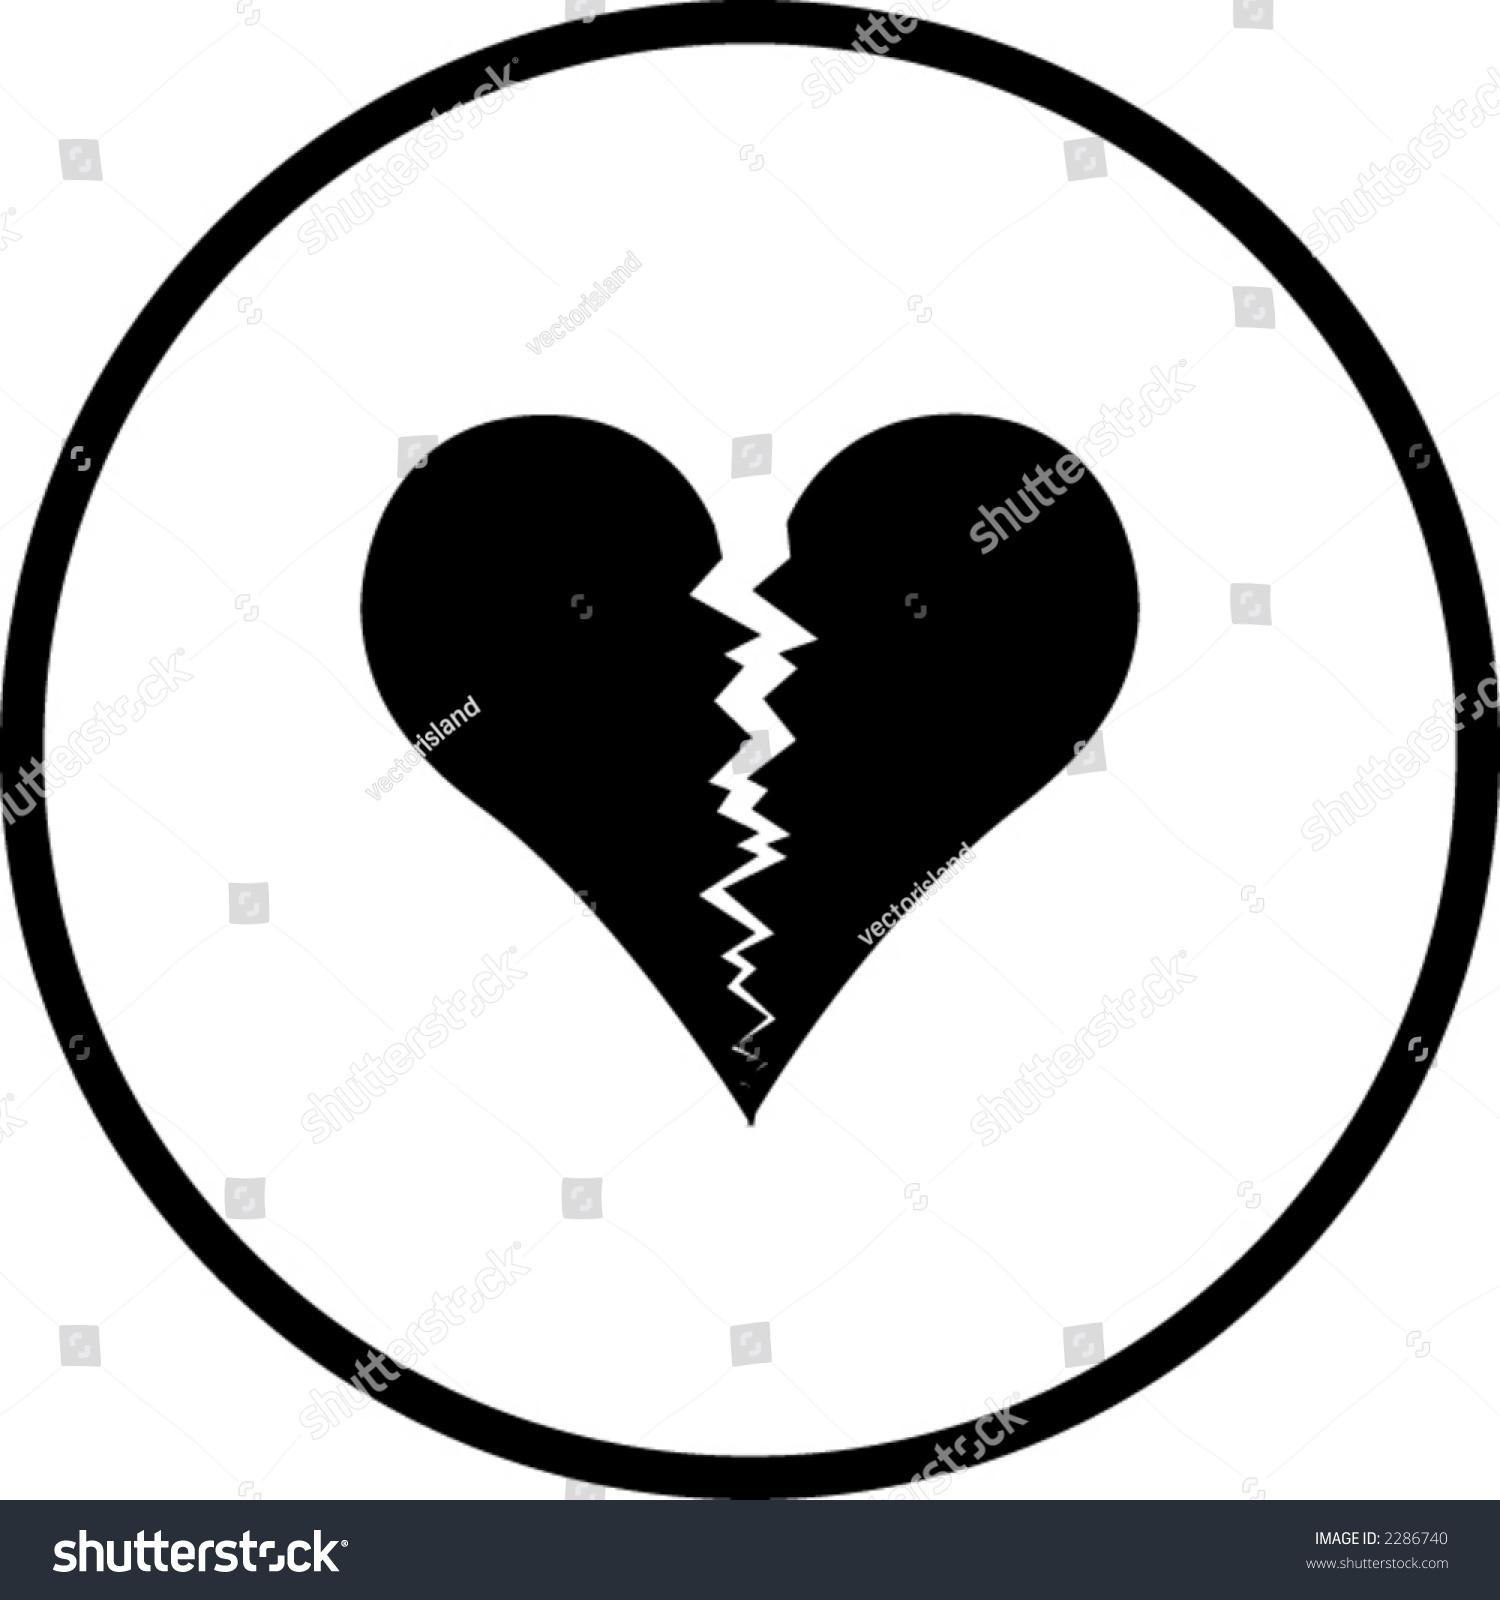 Broken Heart Symbol Stock Vector Royalty Free 2286740 Shutterstock